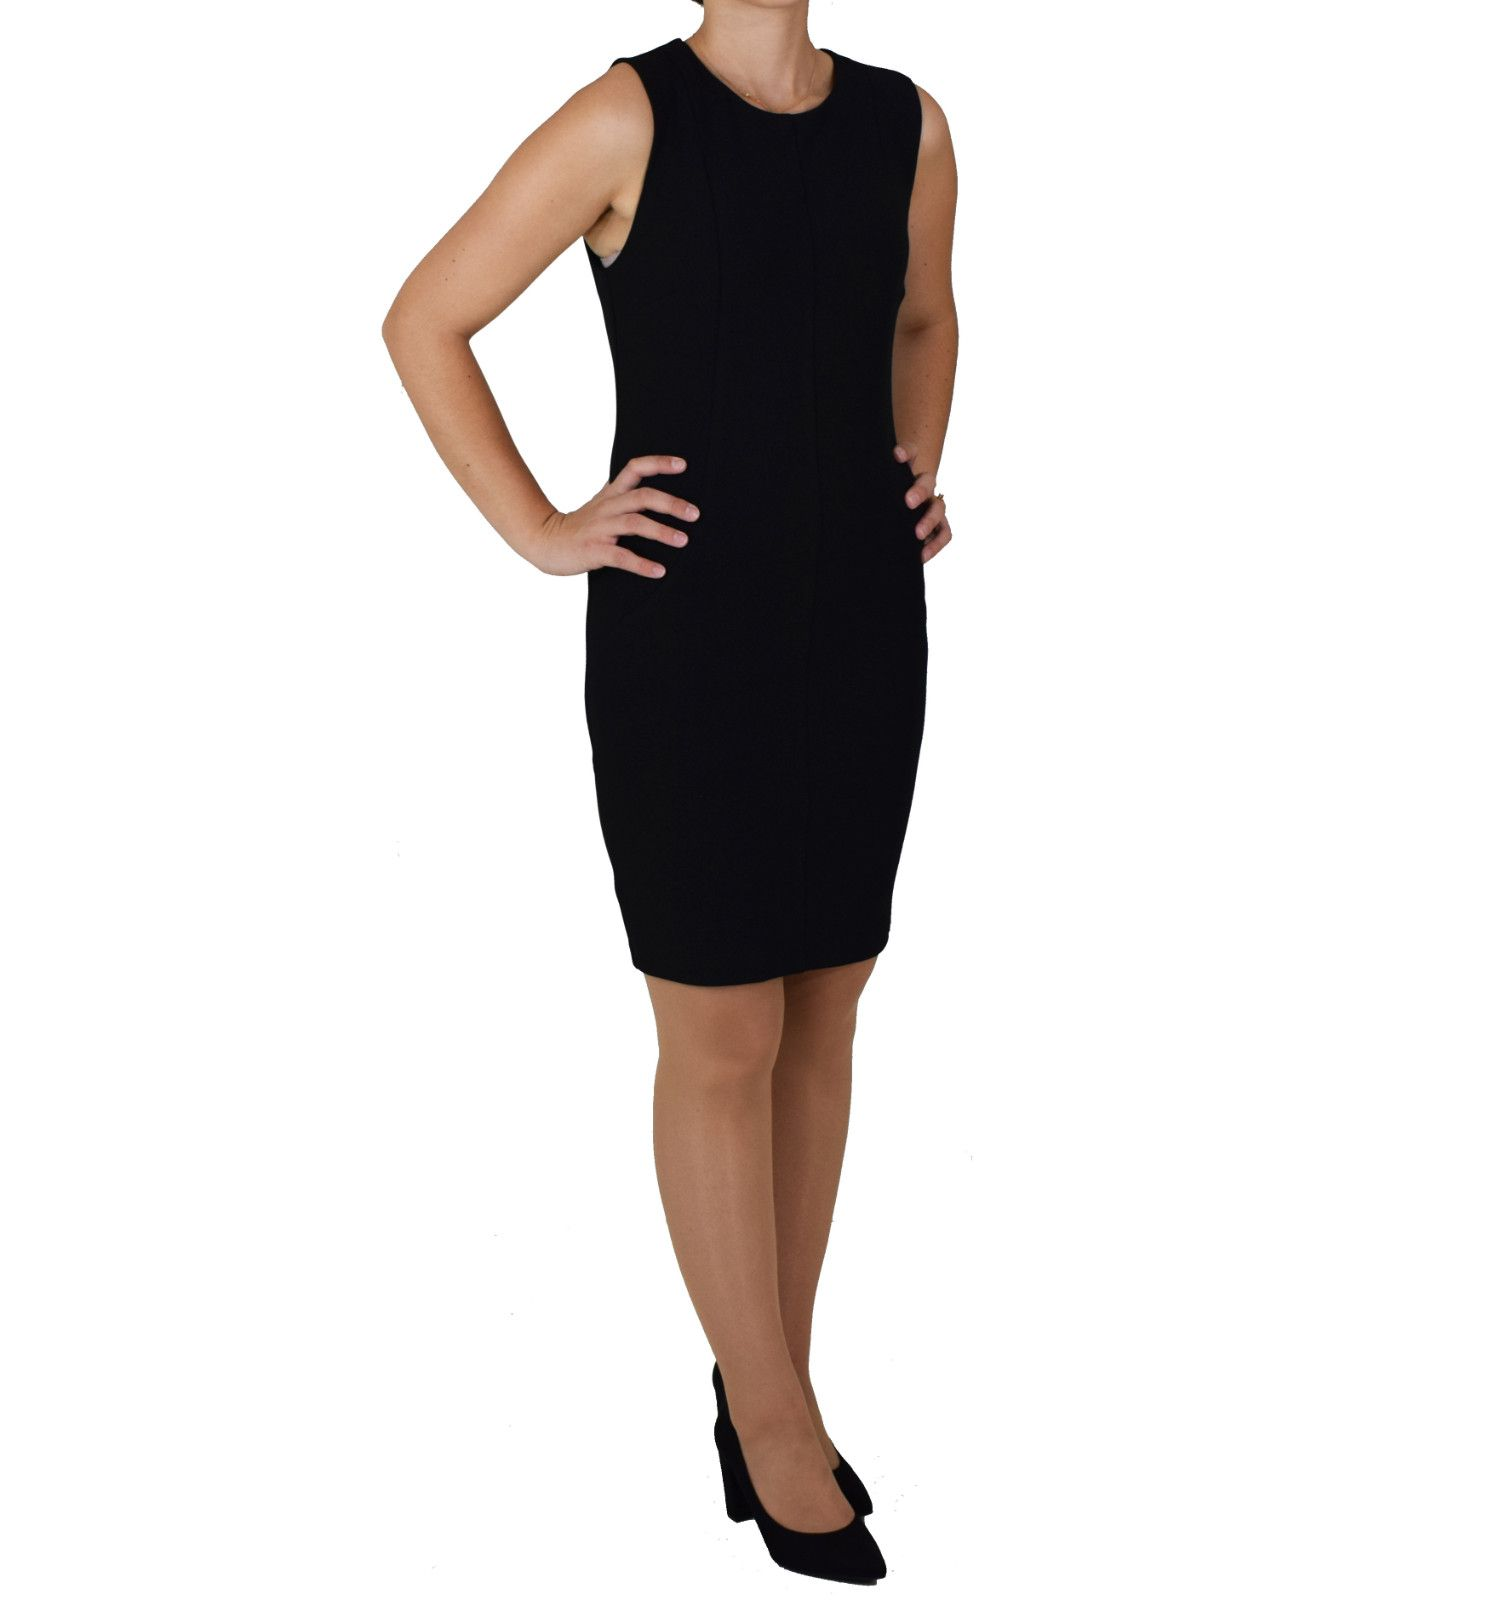 13161a3b1bbd Μίντι Εφαρμοστό Φόρεμα Toi   Moi 50-3664-28 Μαύρο toimoi 50-3664-28 ...